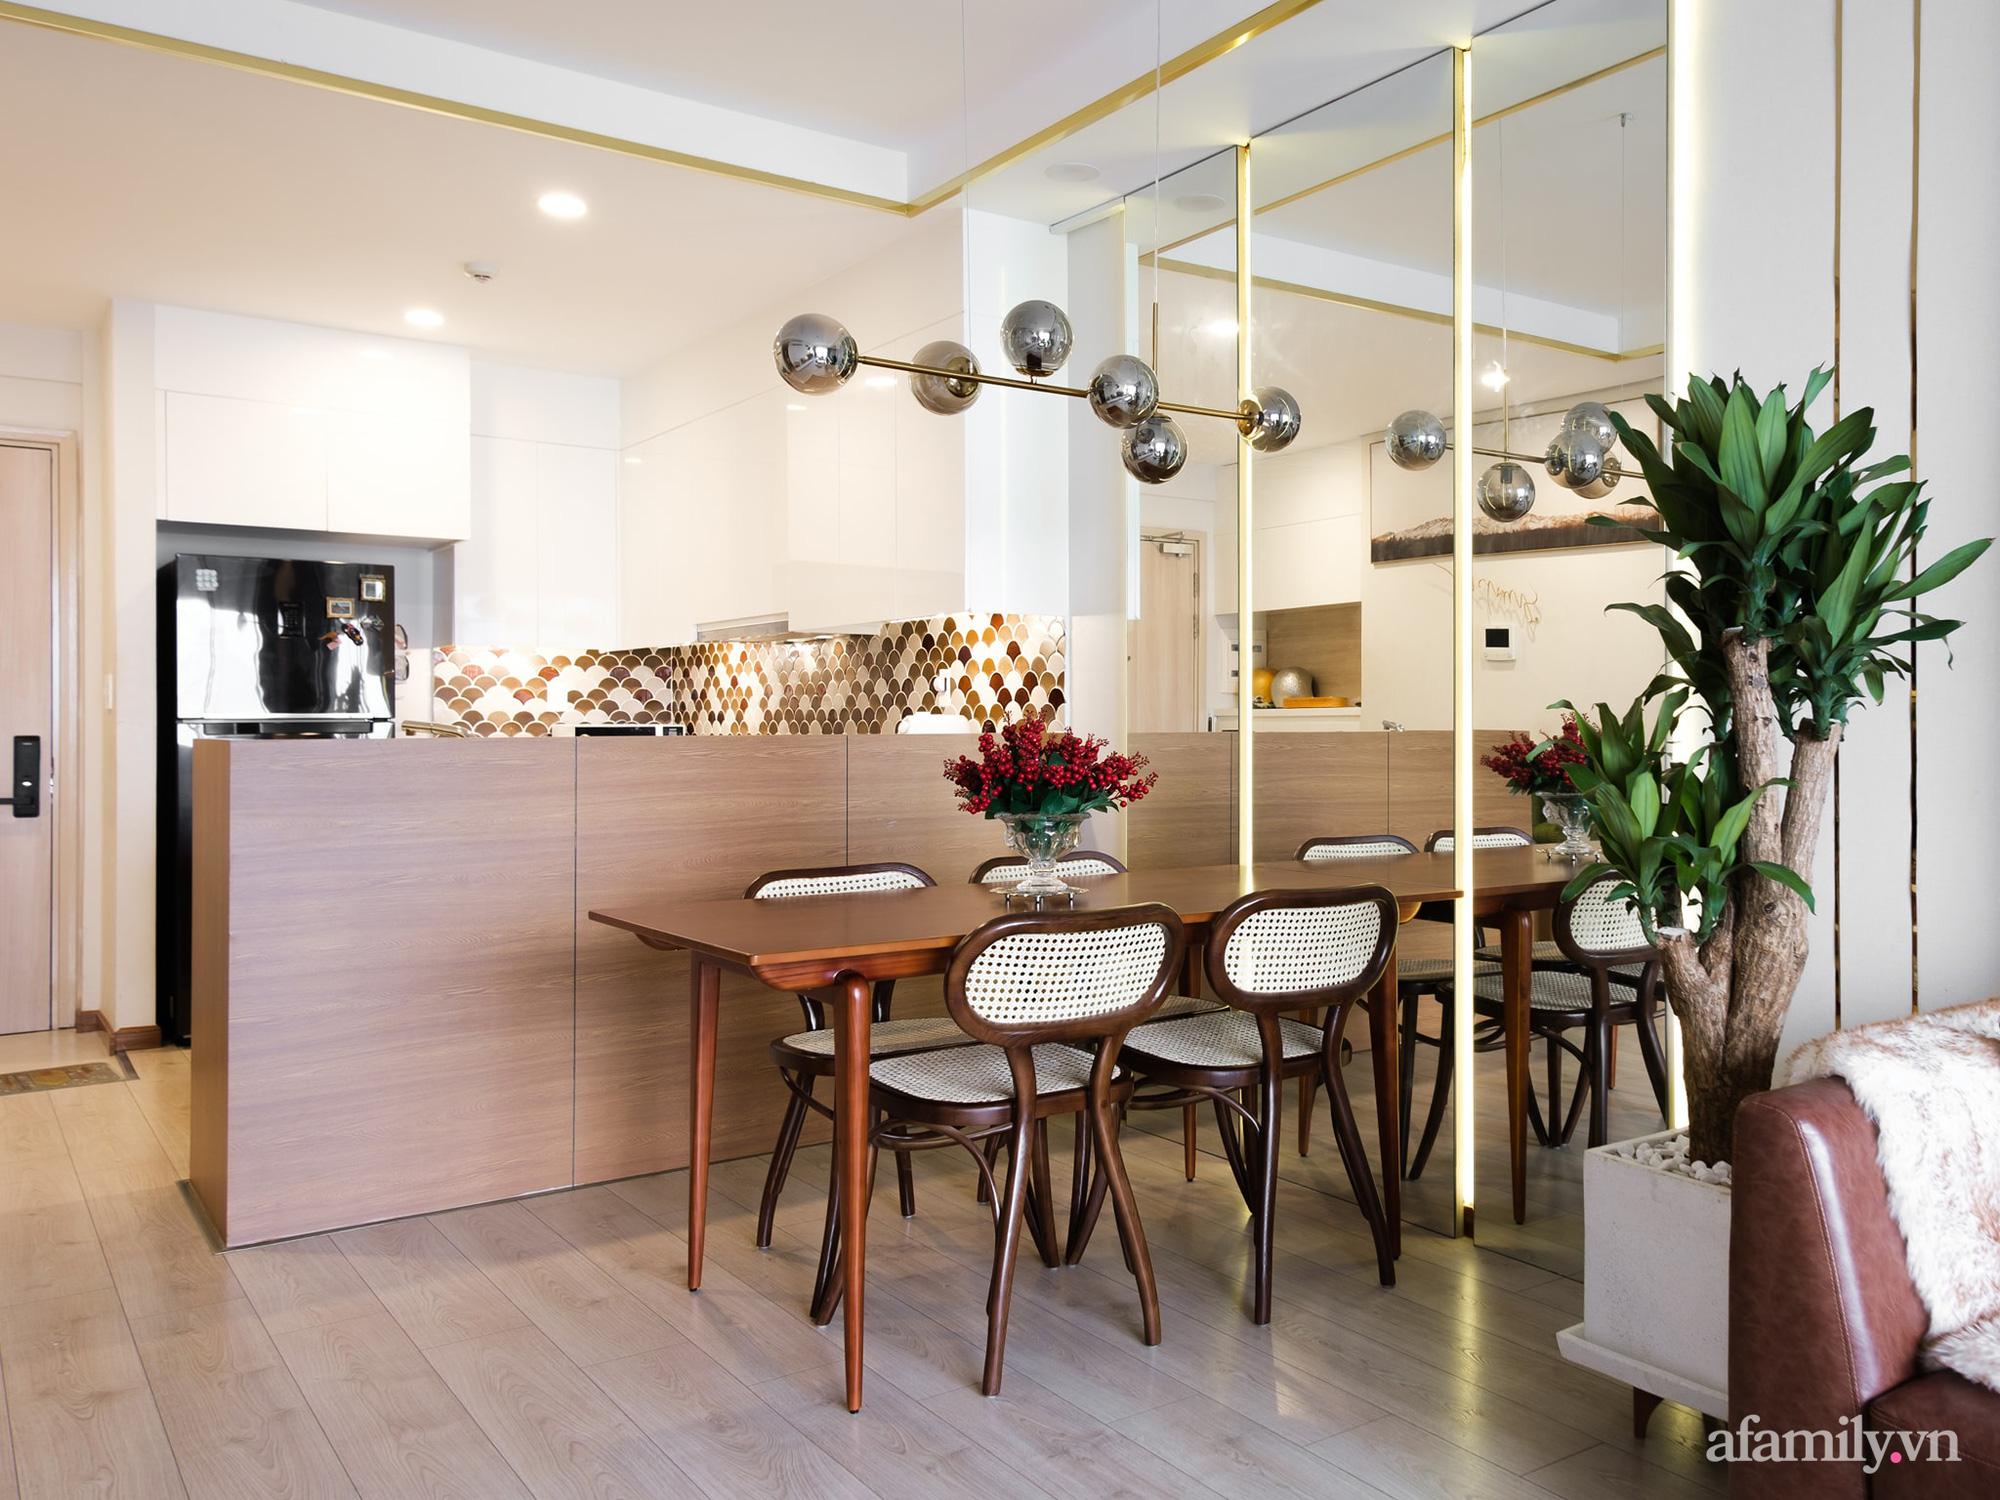 Căn hộ 70m² màu nâu trầm đẹp sang chảnh với chi phí hoàn thiện nội thất 400 triệu đồng ở Sài Gòn - Ảnh 13.